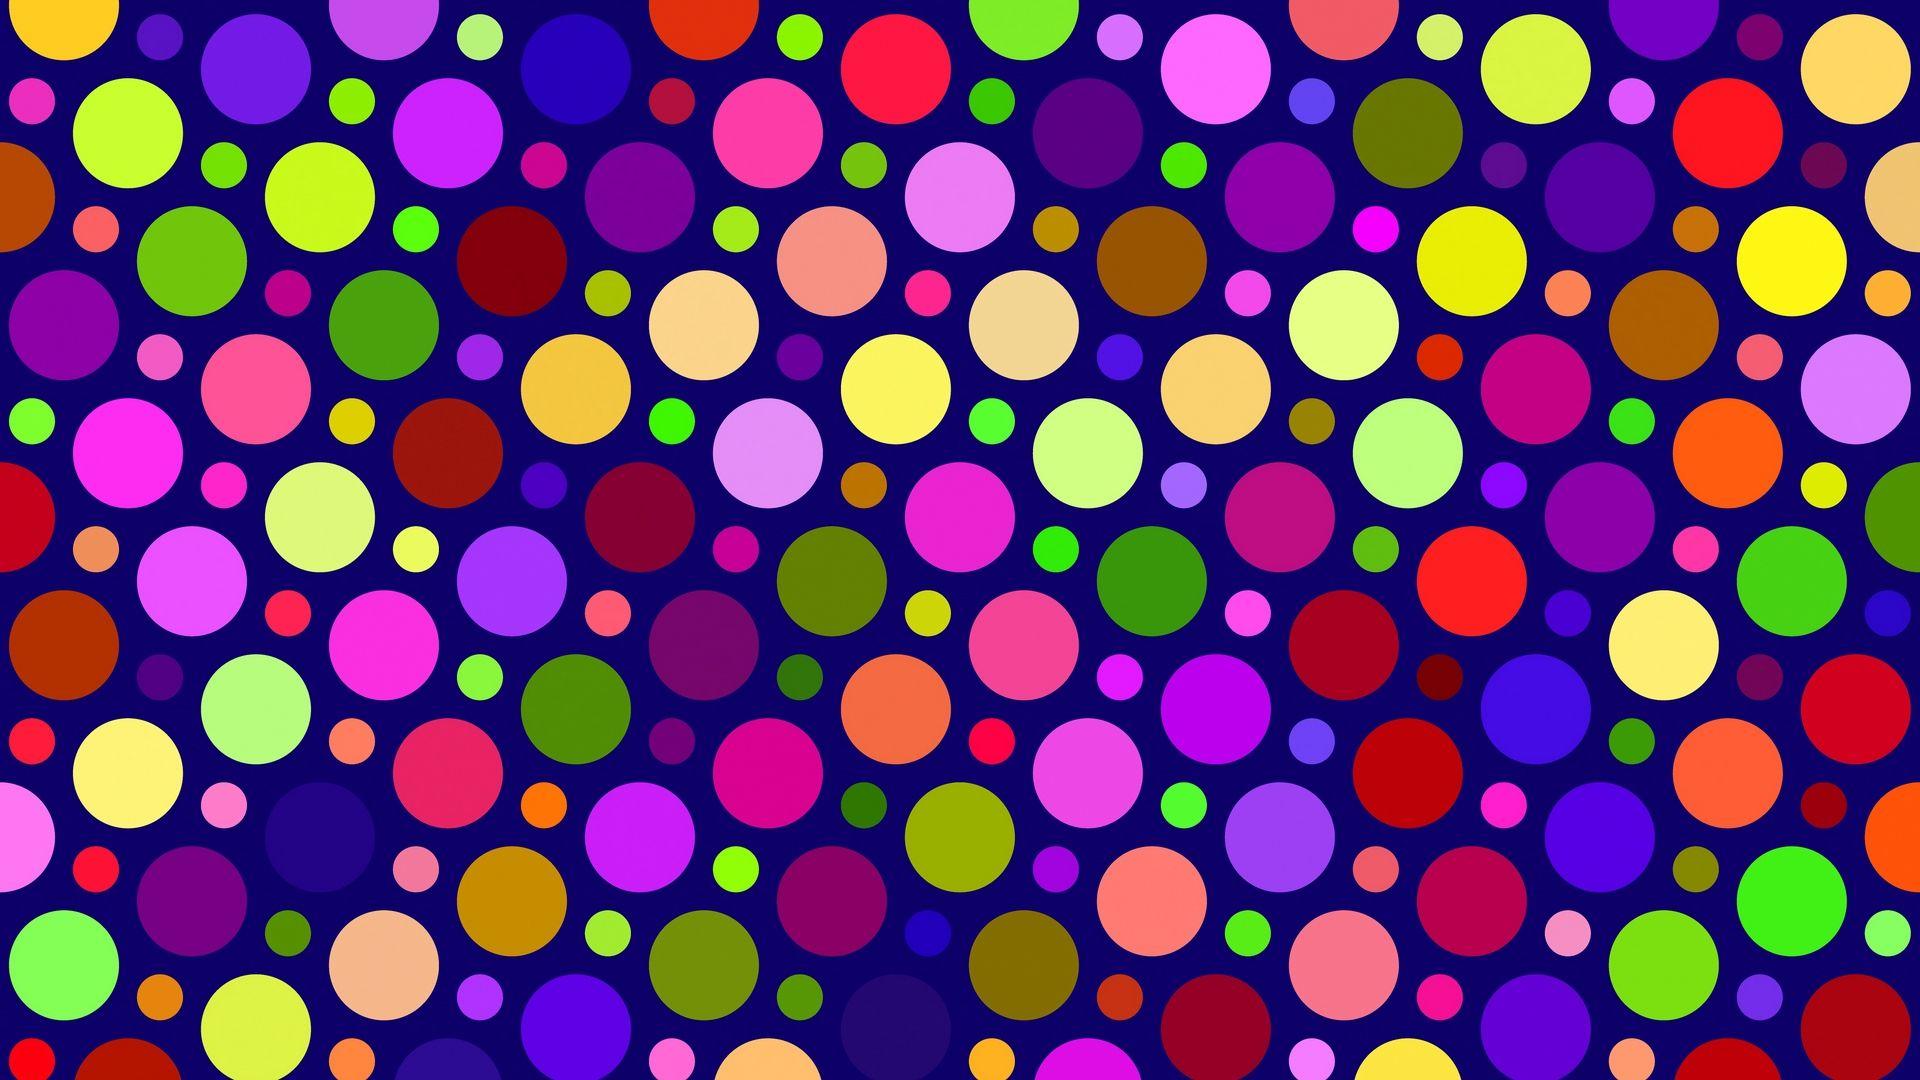 Dots Cool Wallpaper